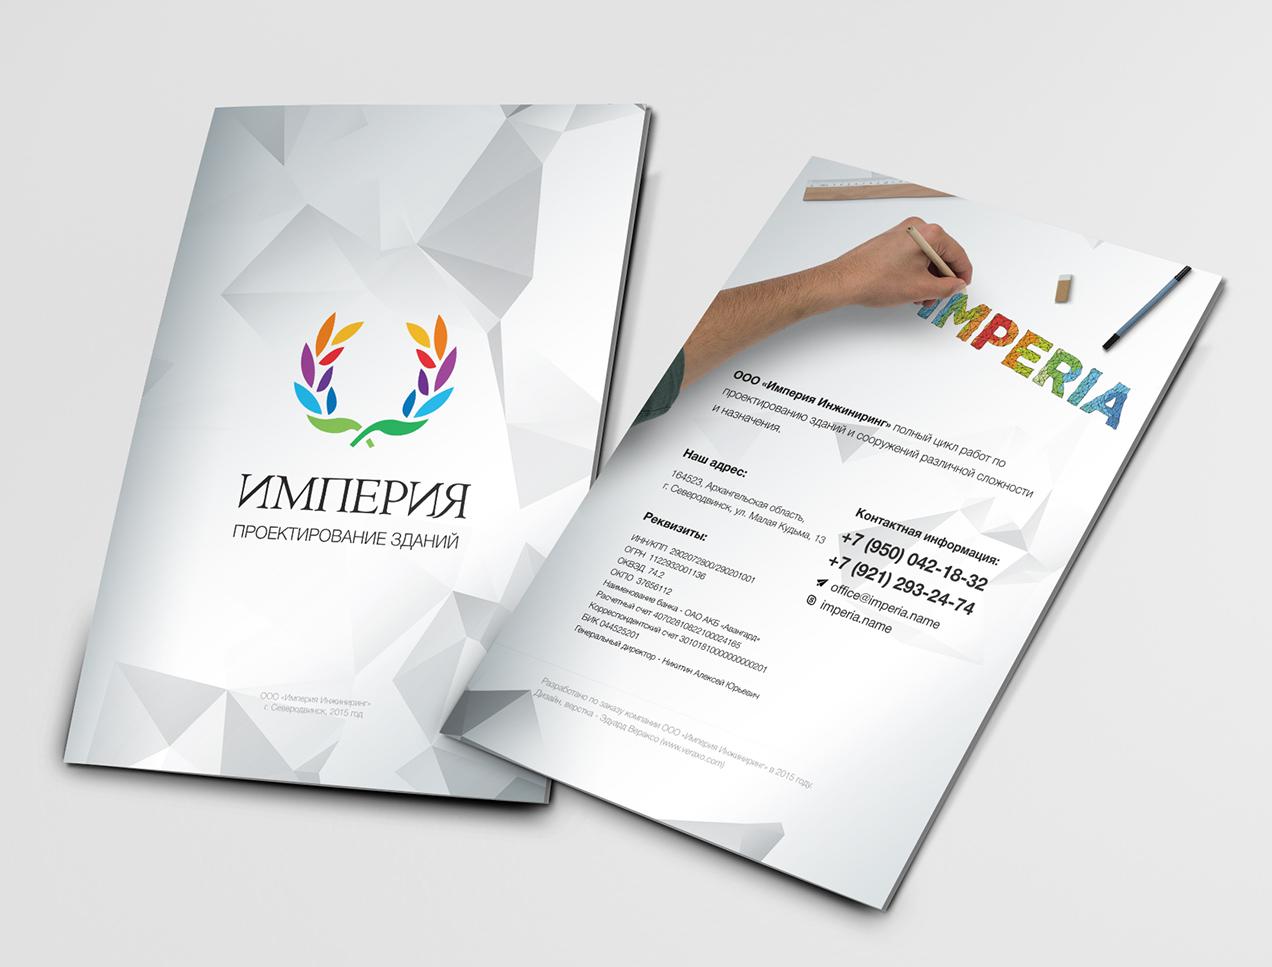 Каталог «Империя Инжиниринг», г. Северодвинск